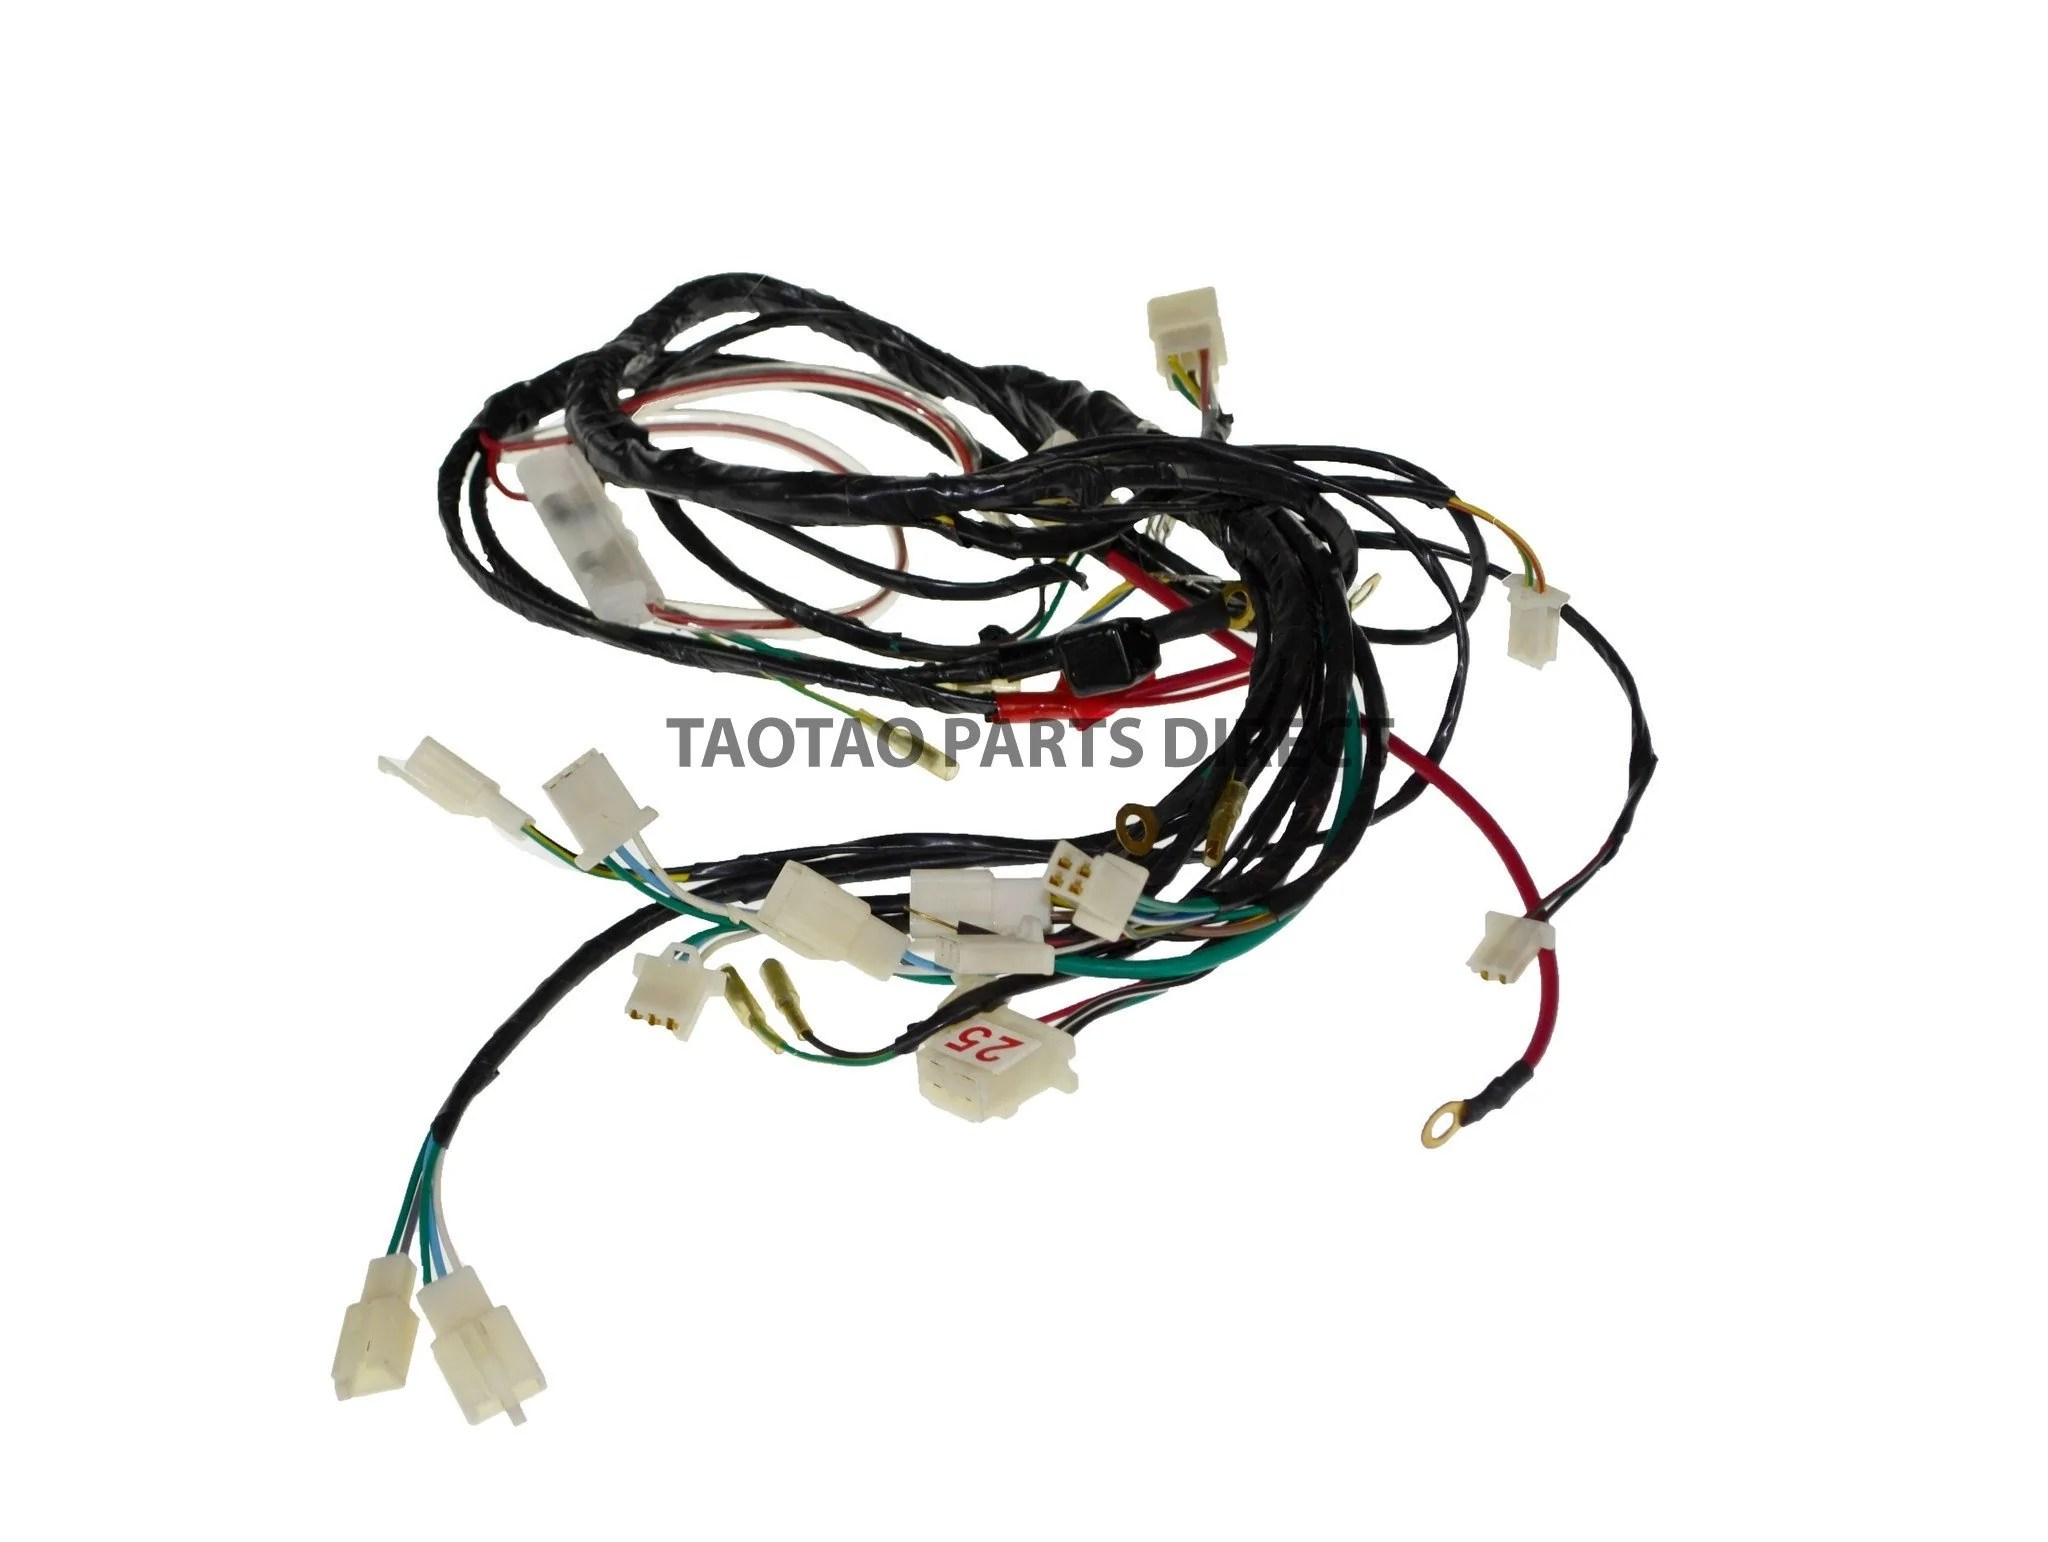 atv parts ata250d wire harness 25 [ 2048 x 1542 Pixel ]